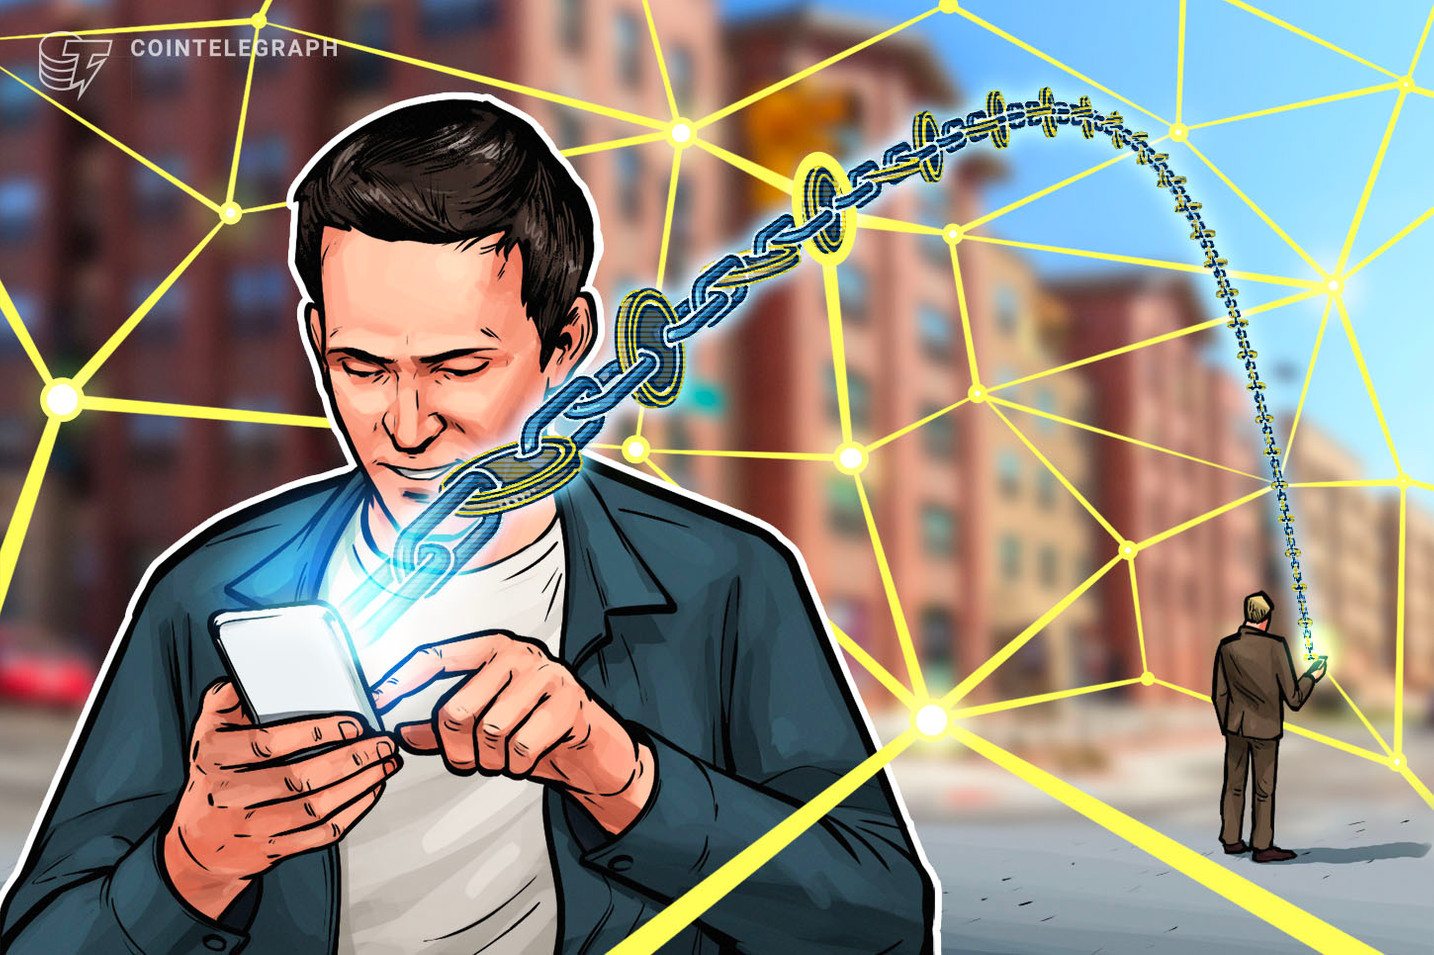 Gigante de las telecomunicaciones AT&T busca una patente para un sistema de 'mapeo' de los medios sociales habilitados por la cadena de bloques